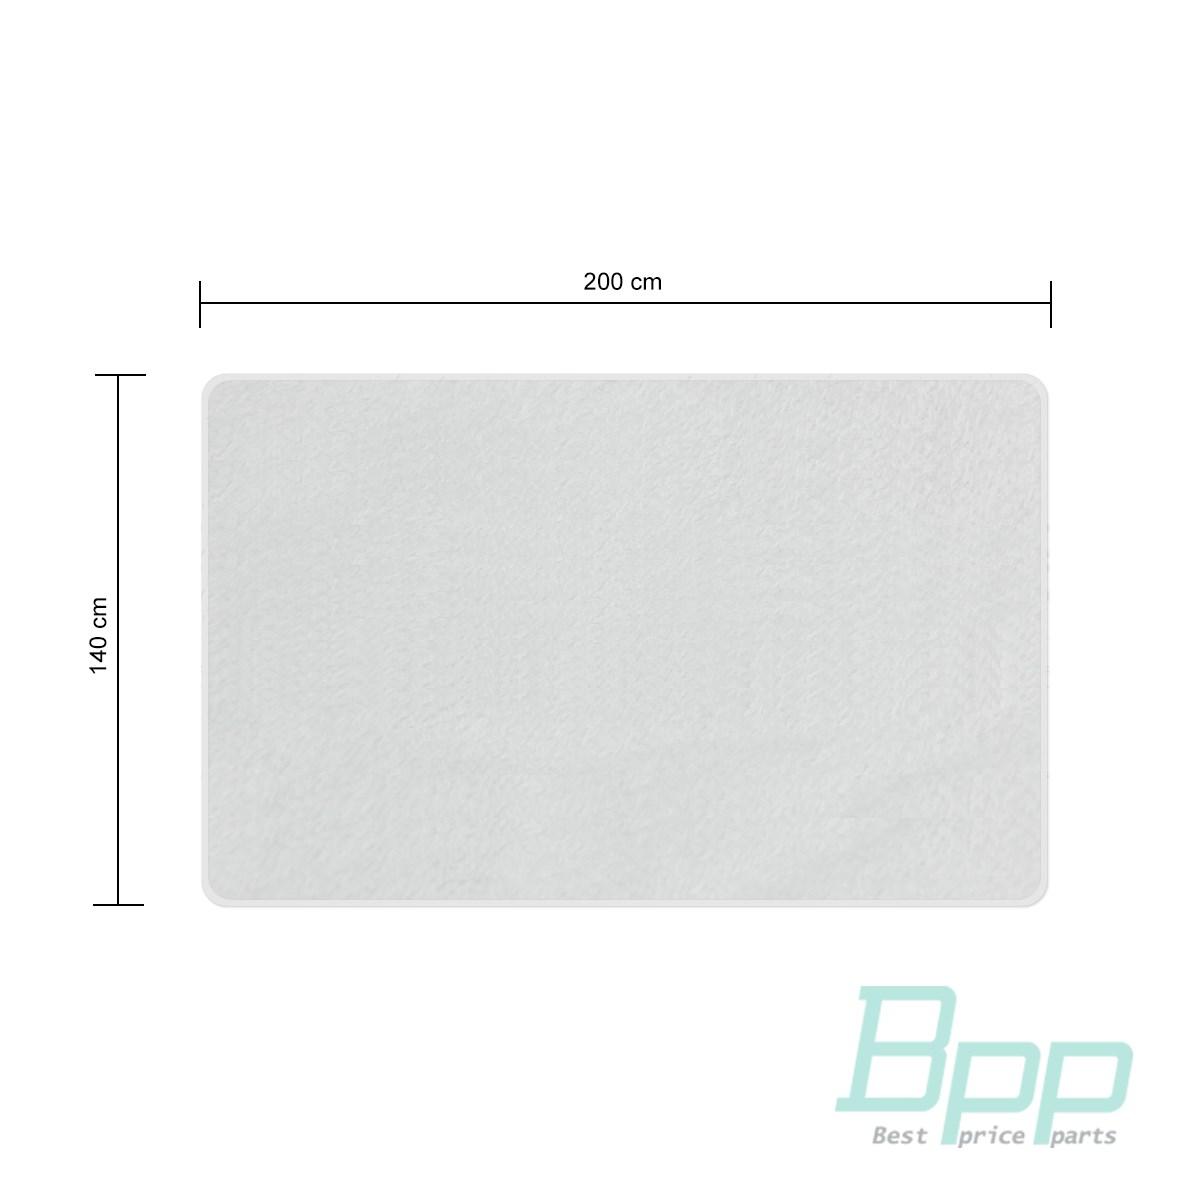 matratzenschoner betteinlage matratzenauflage wasserdicht auflage schutzbezug ebay. Black Bedroom Furniture Sets. Home Design Ideas